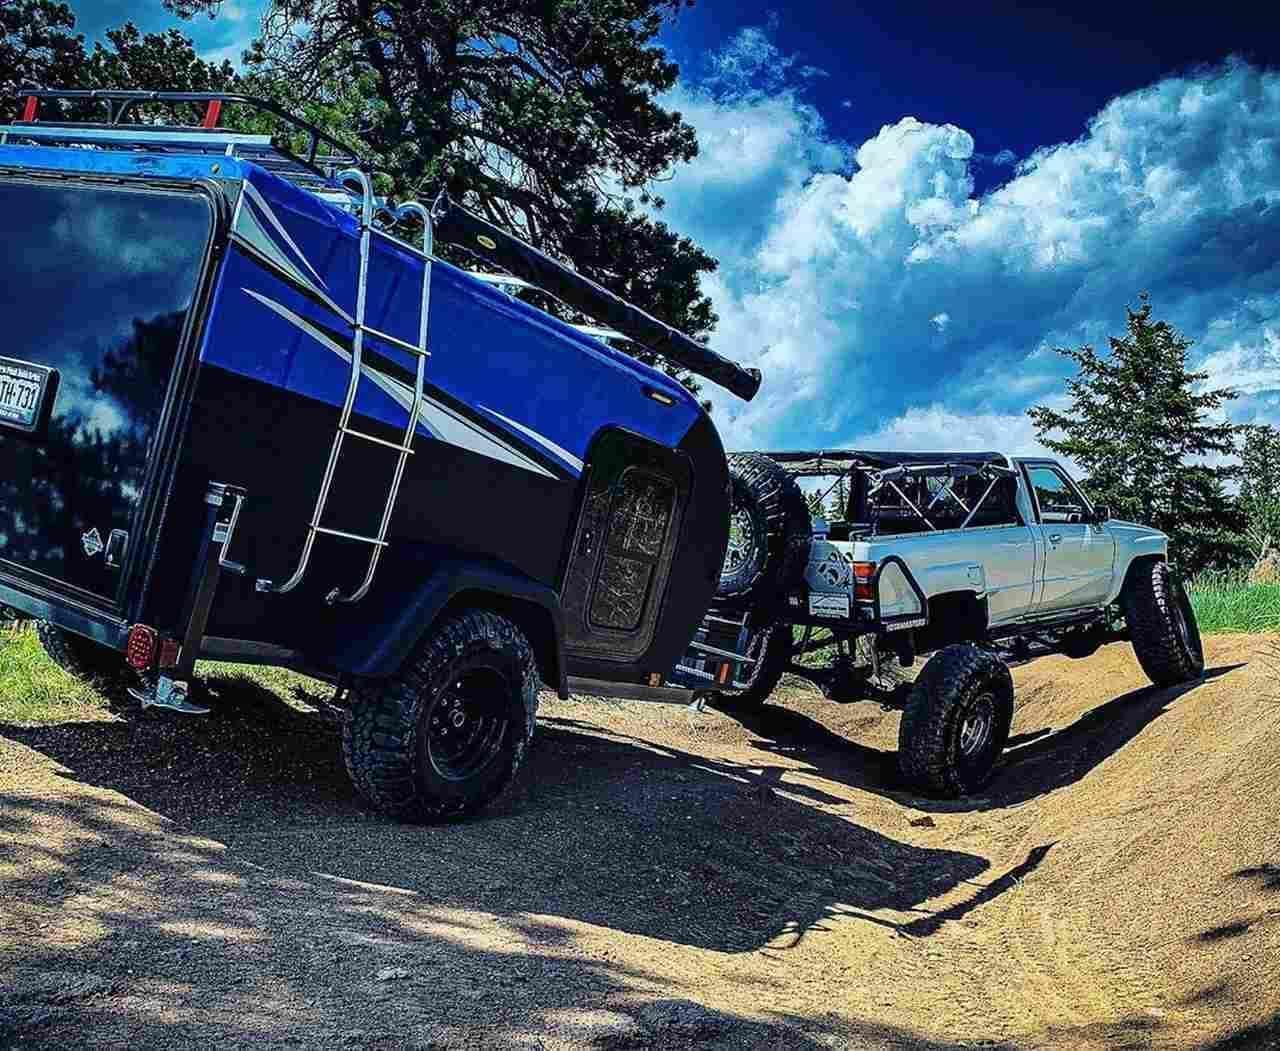 真冬にオートキャンプ!―寒冷地に対応したキャンピングトレーラーHigh Altitude Trailerの「XT50」